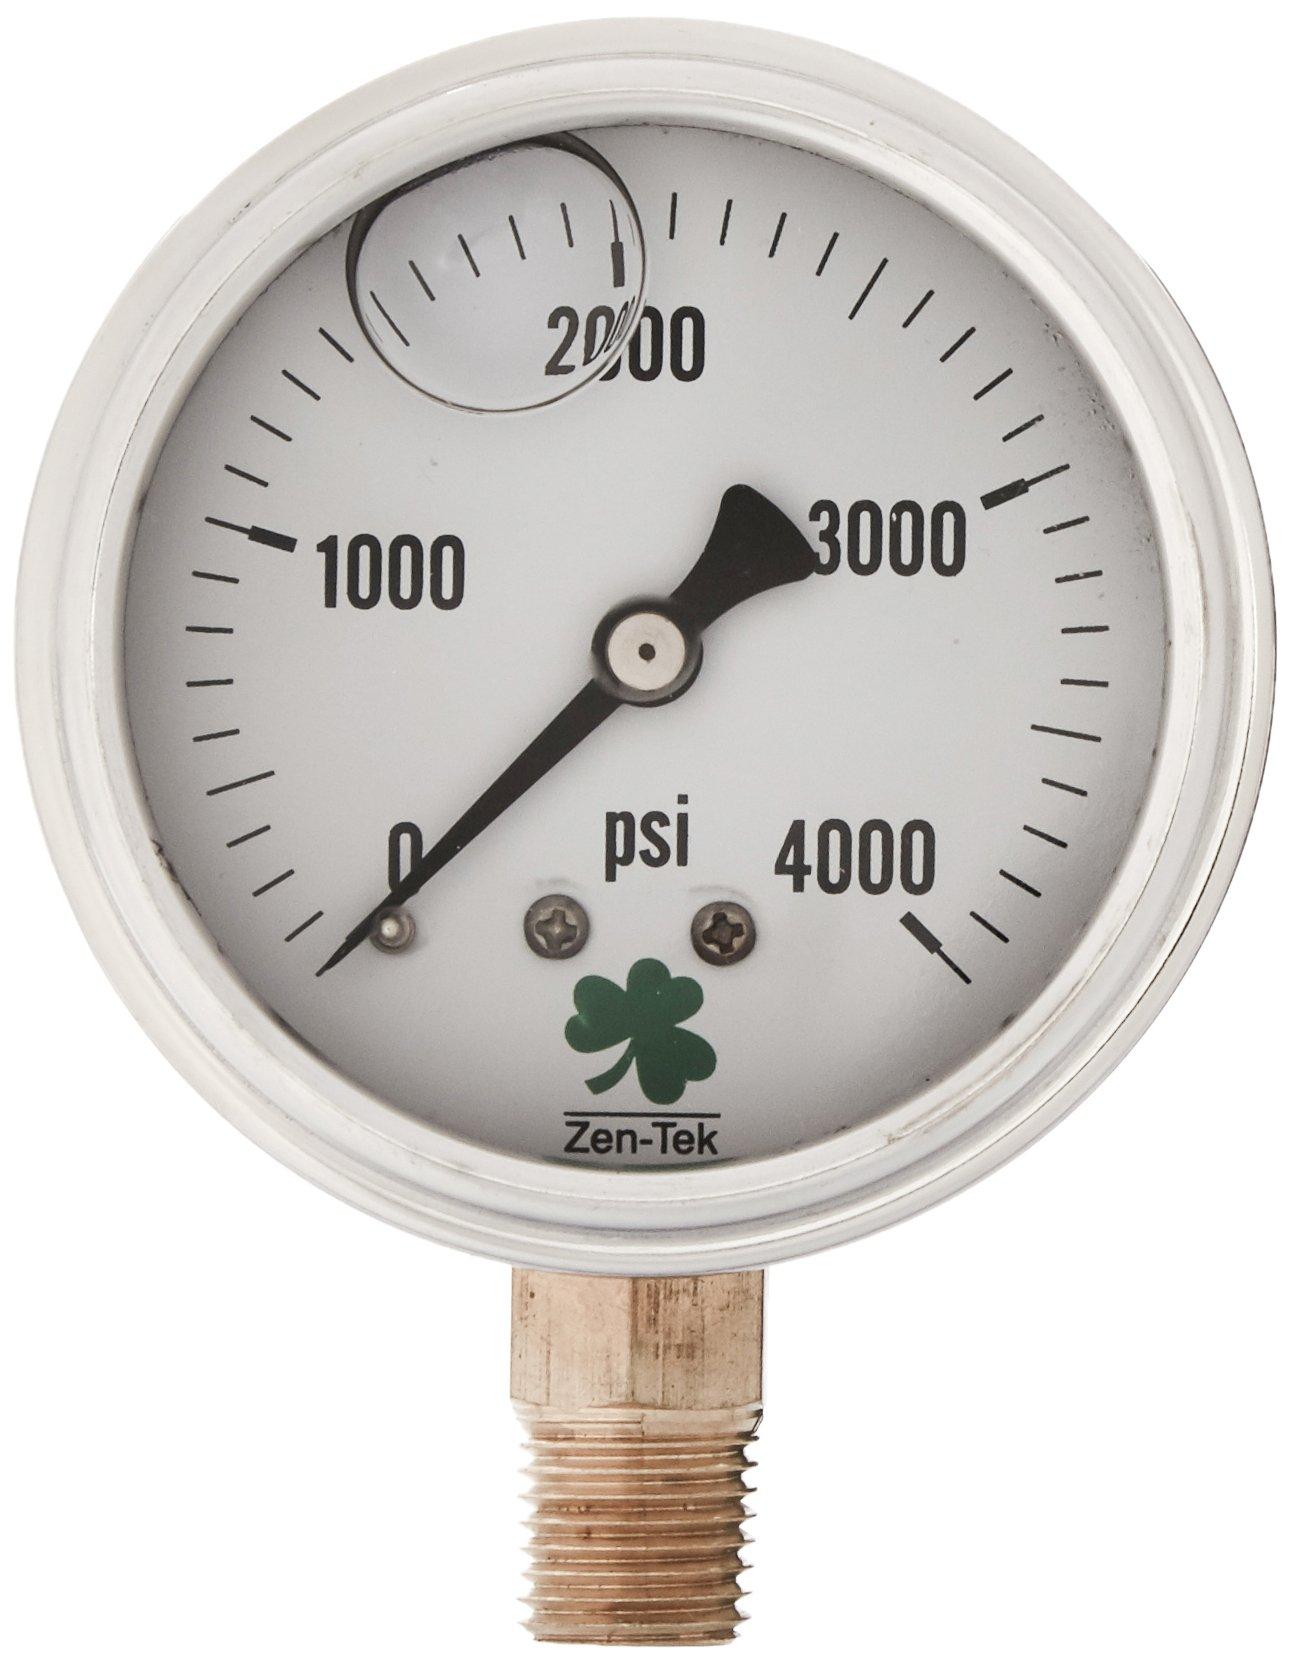 Zenport LPG4000 Zen-Tek Glycerin Liquid Filled Pressure Gauge, 4000 PSI